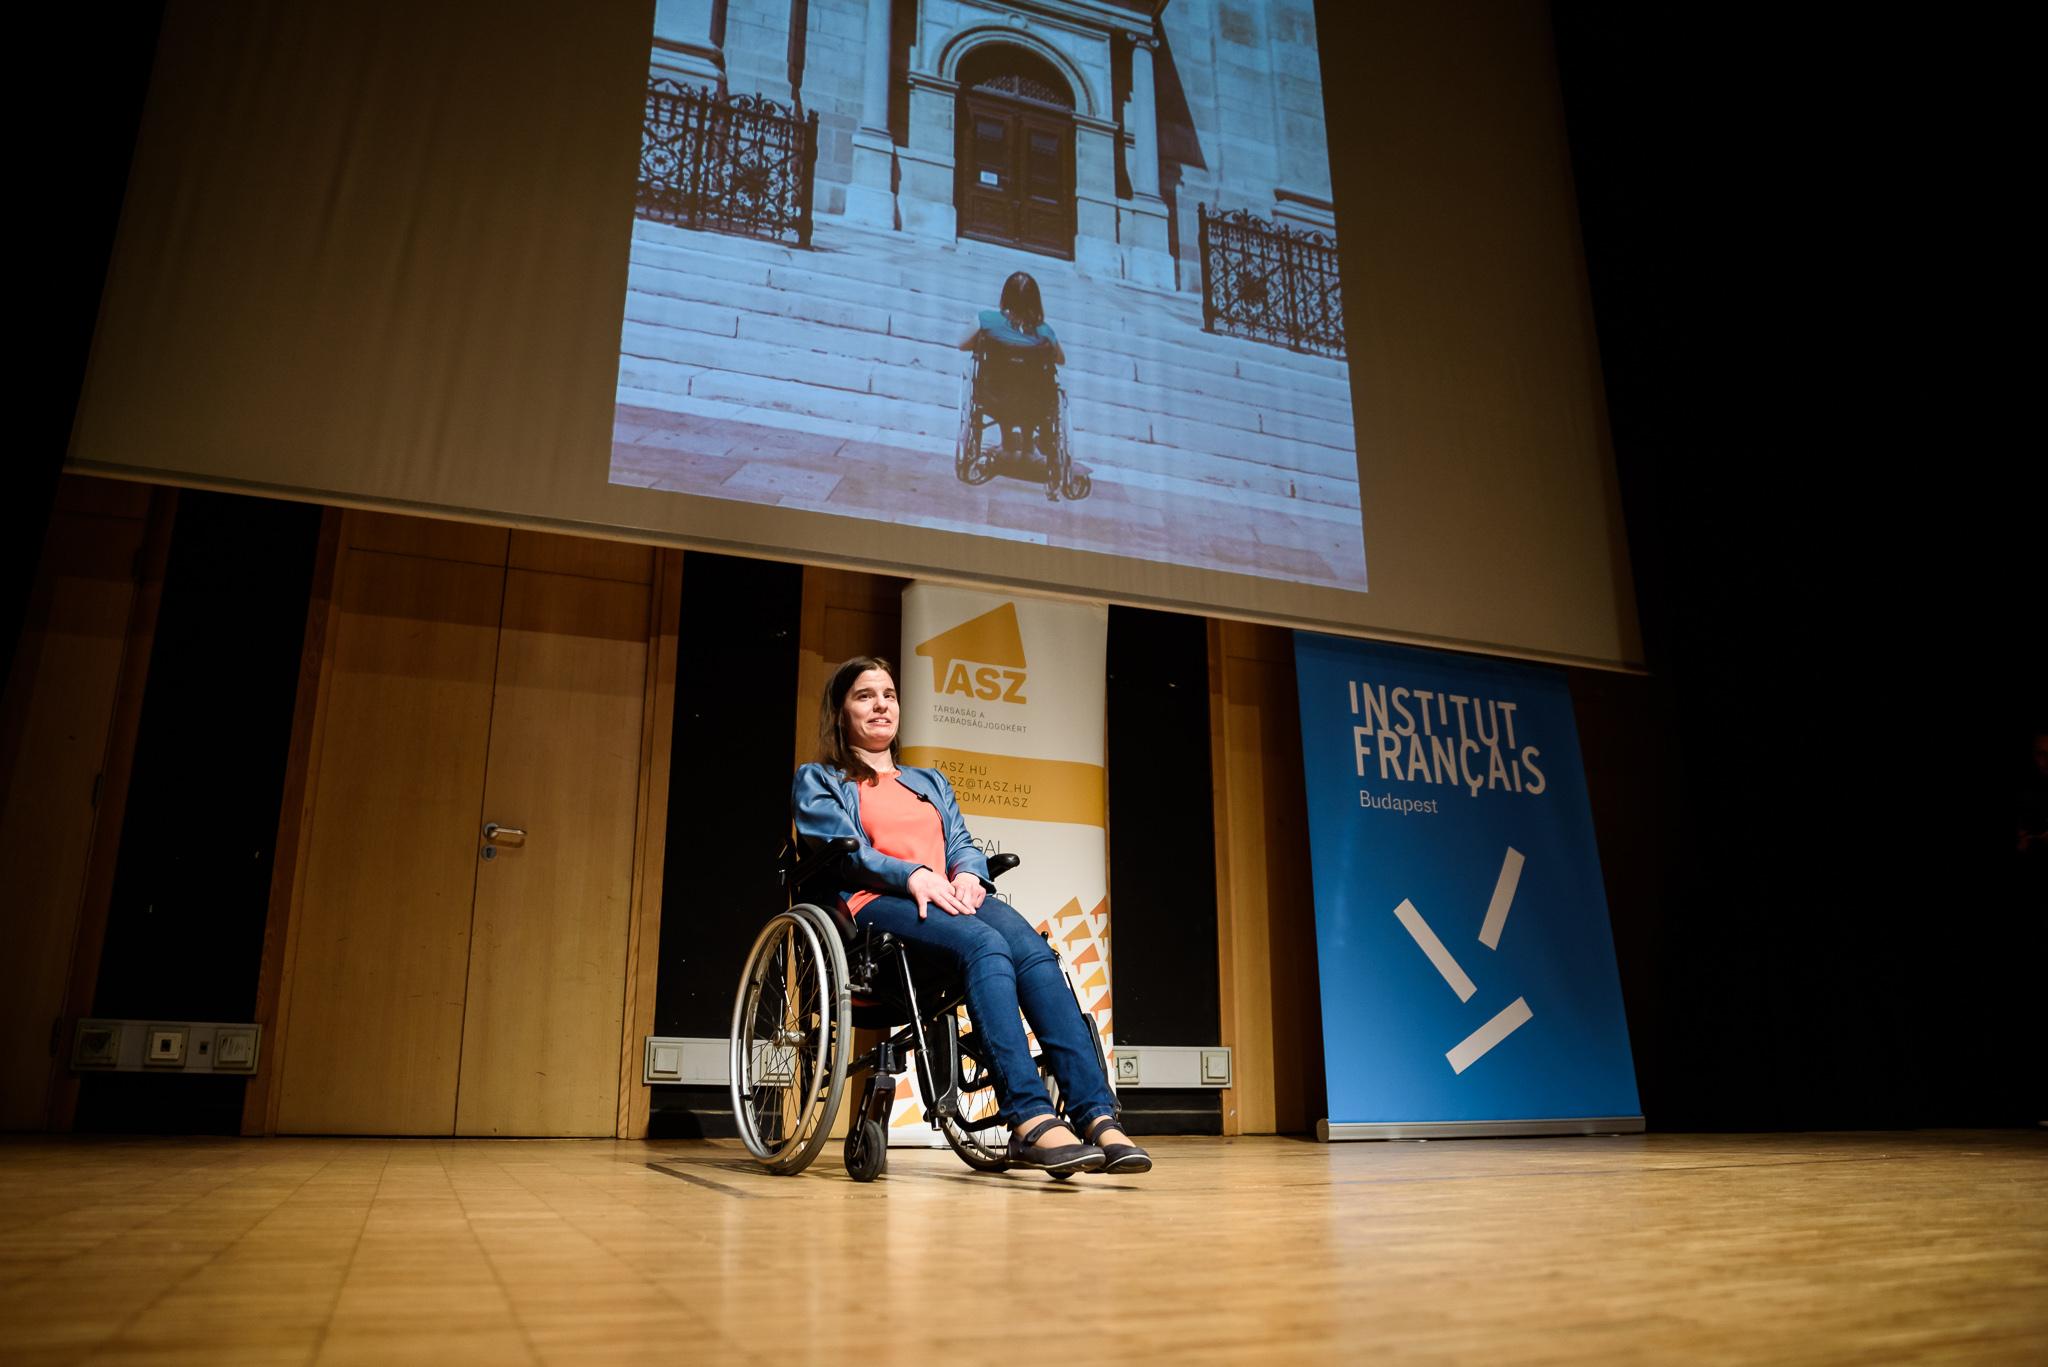 11. kép: Molnár Zóra az Önállóan lakni, közösségben élni mozgáskorlátozott csoport vezetője